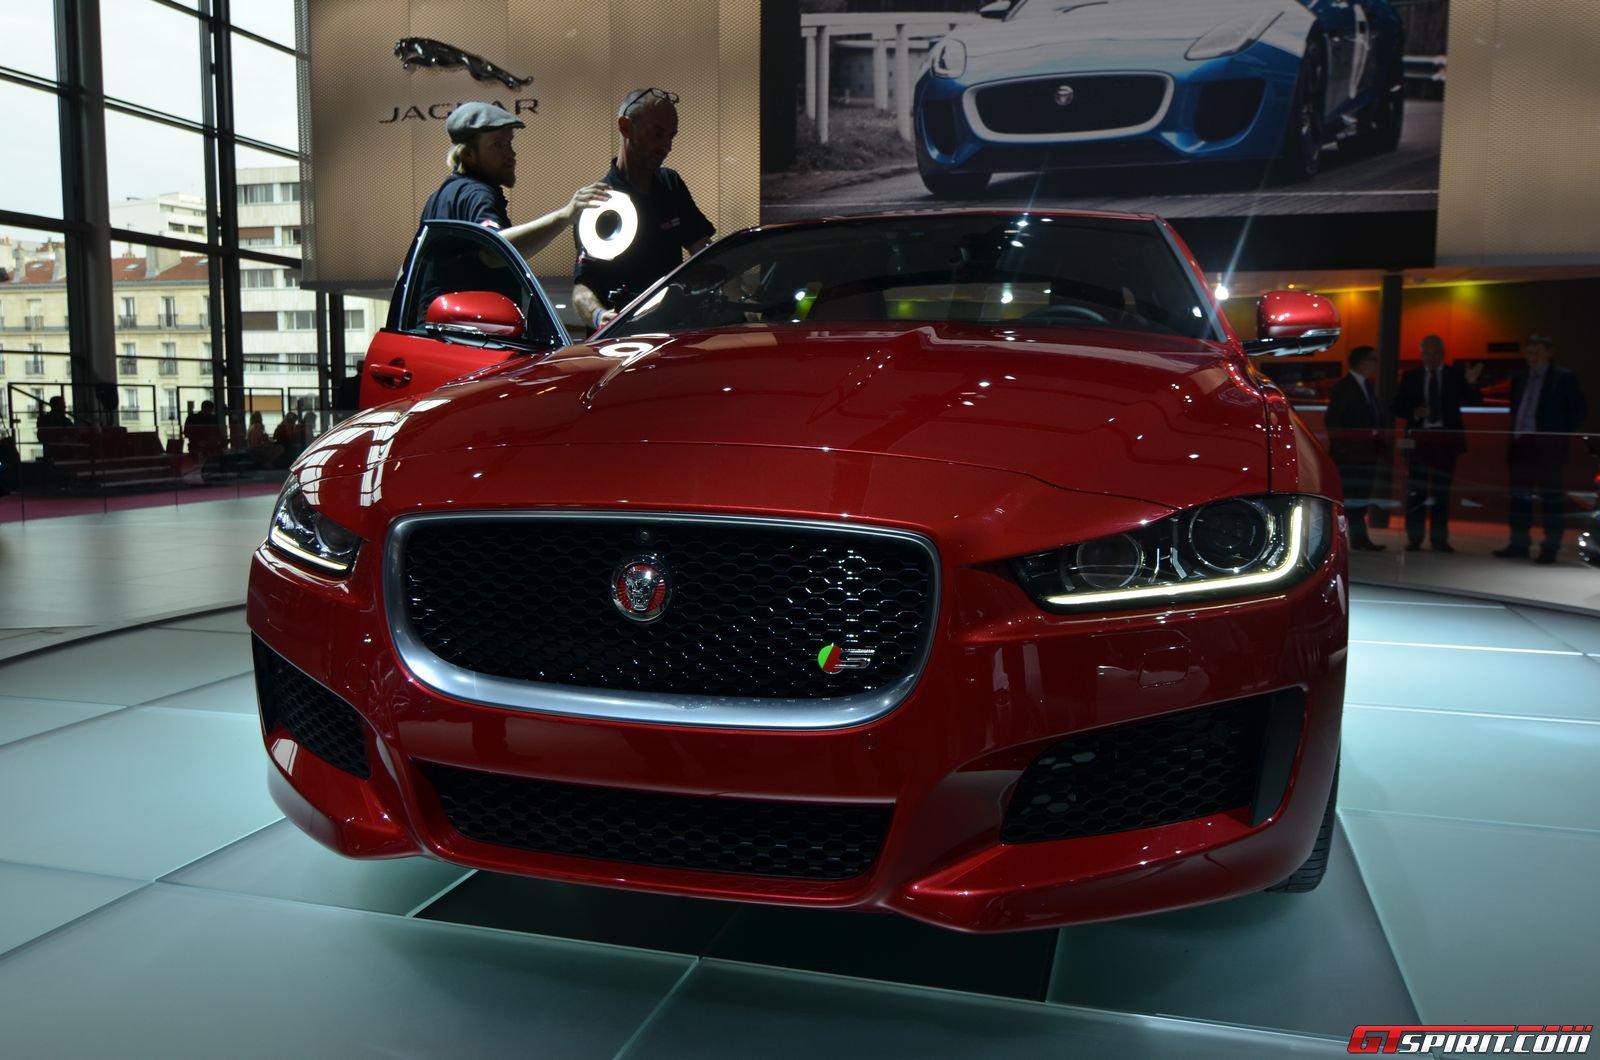 Paris 2014: 2015 Jaguar XE - GTspirit